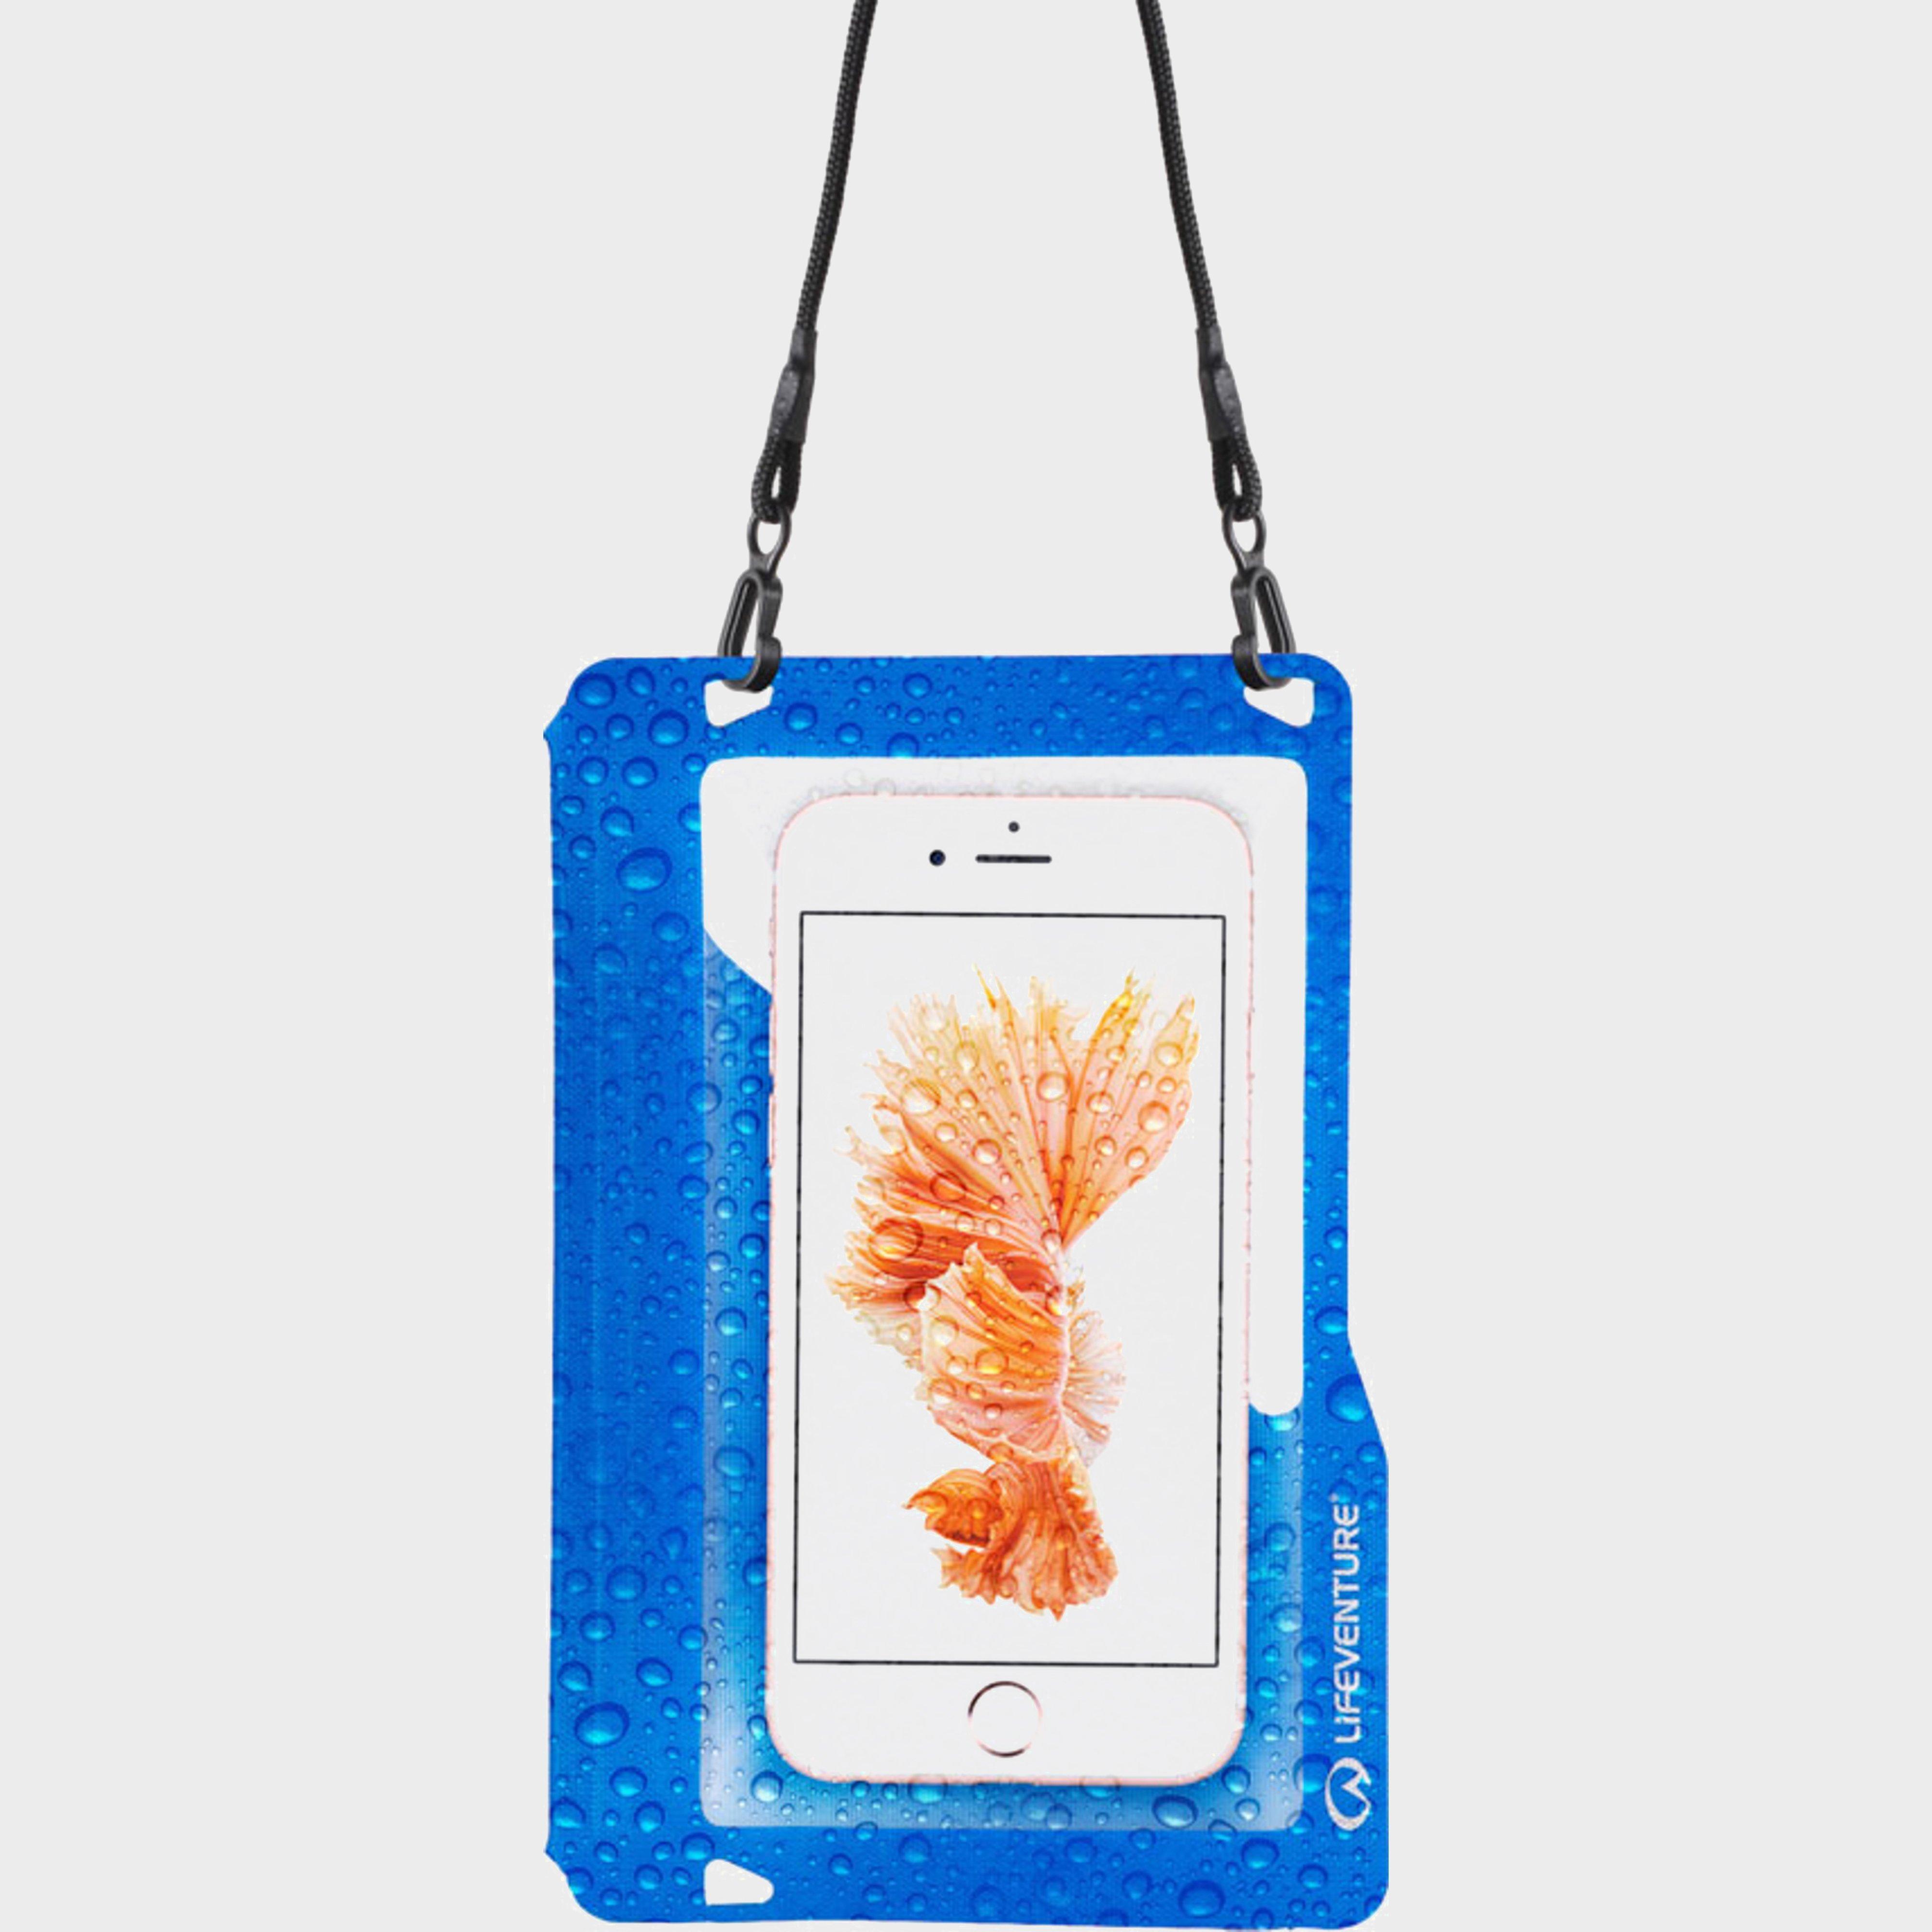 Lifeventure Hydroseal Phone - Blue/case  Blue/case